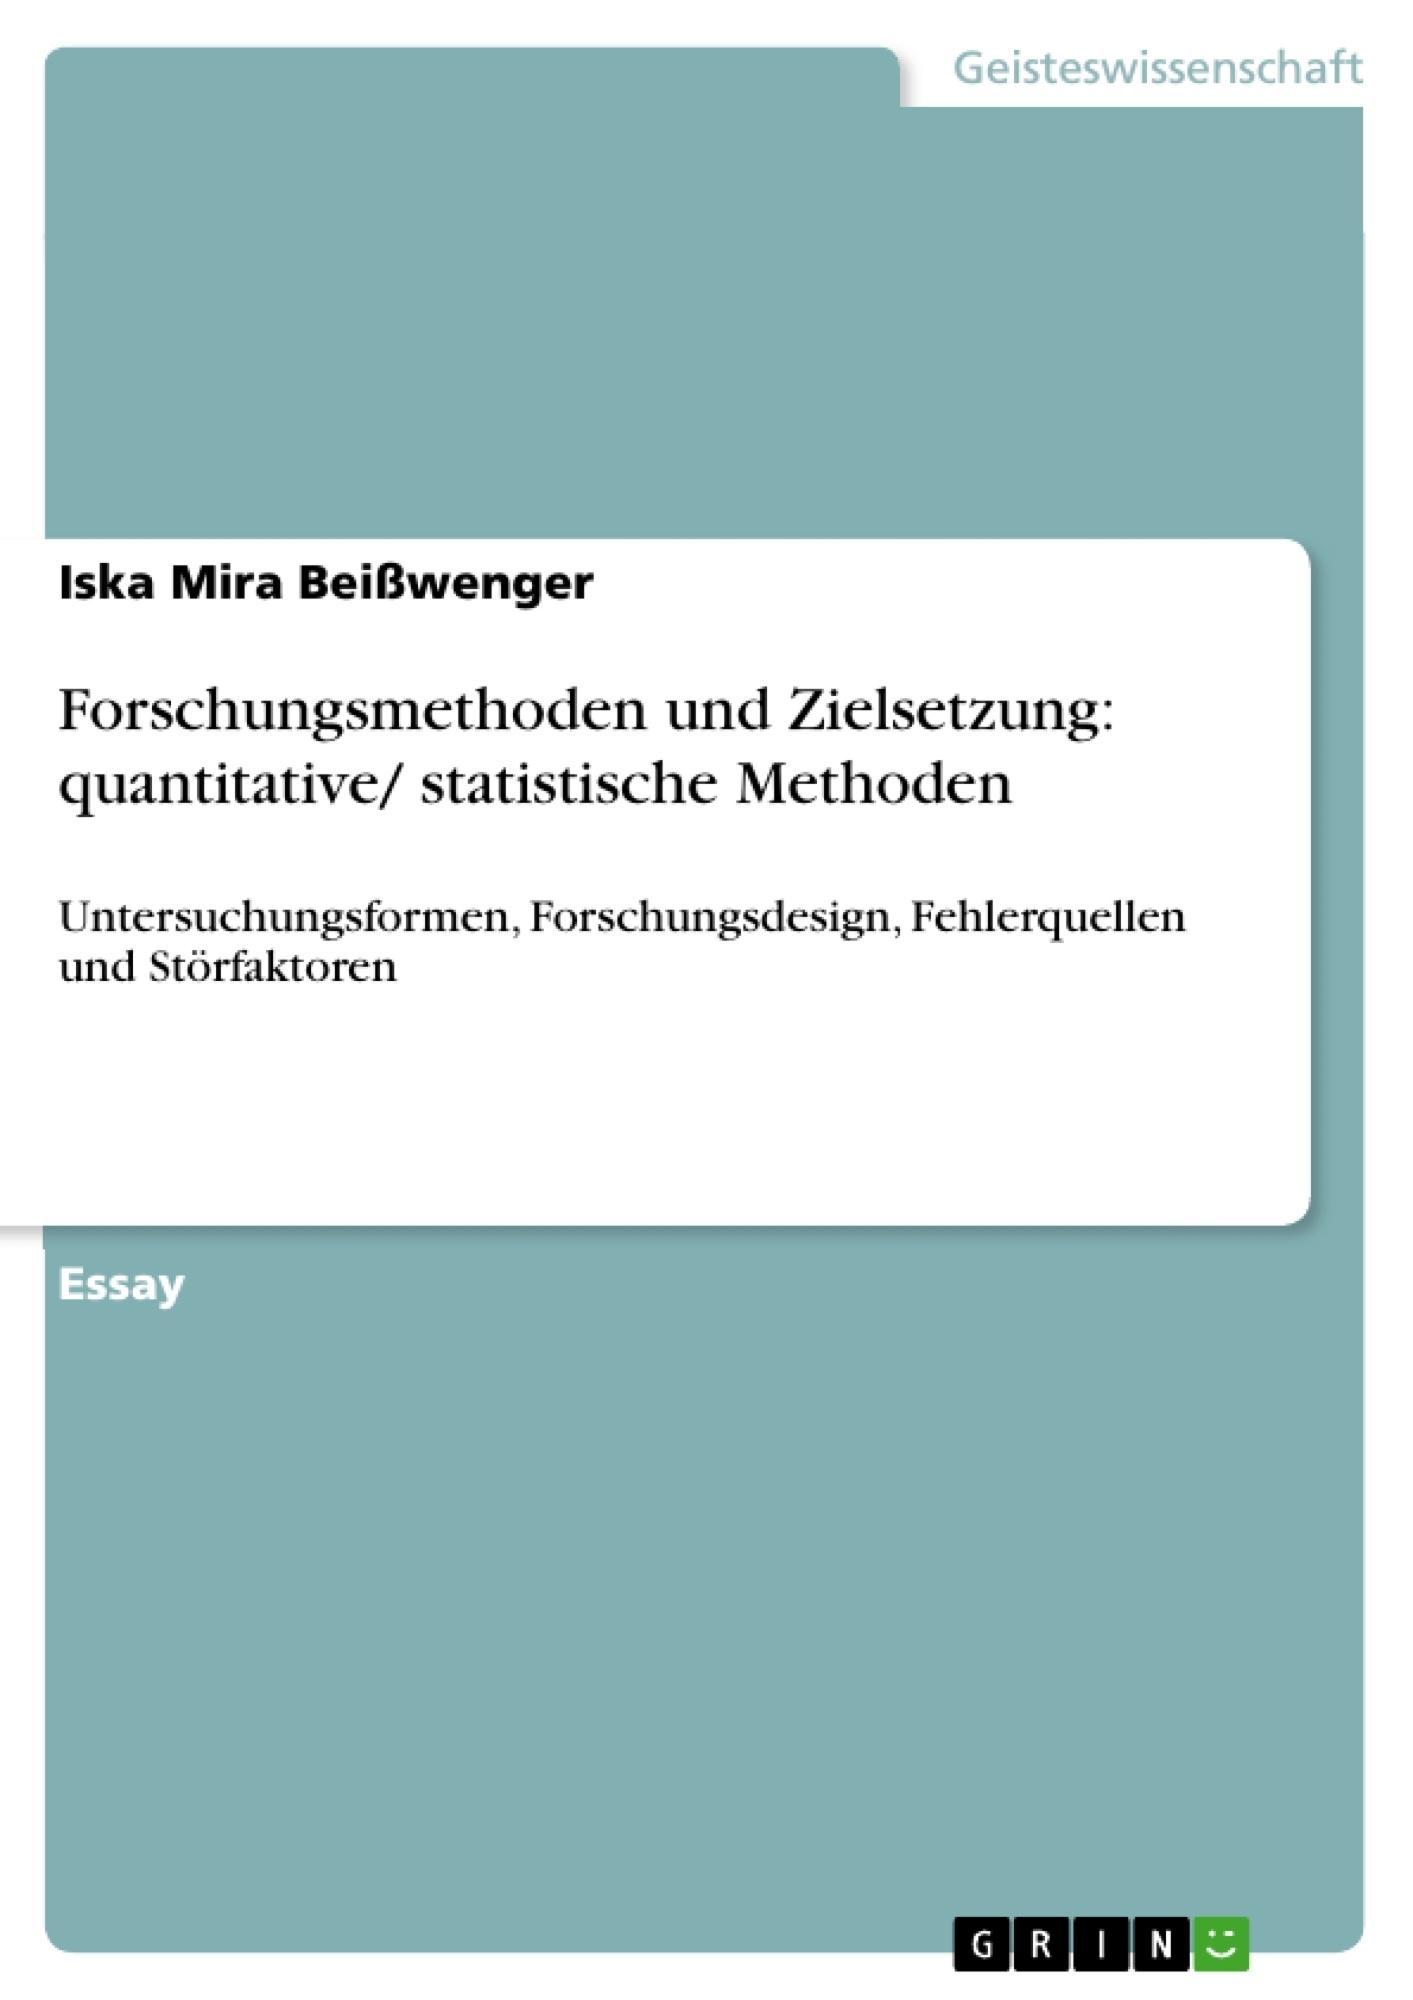 Titel: Forschungsmethoden und Zielsetzung: quantitative/ statistische Methoden